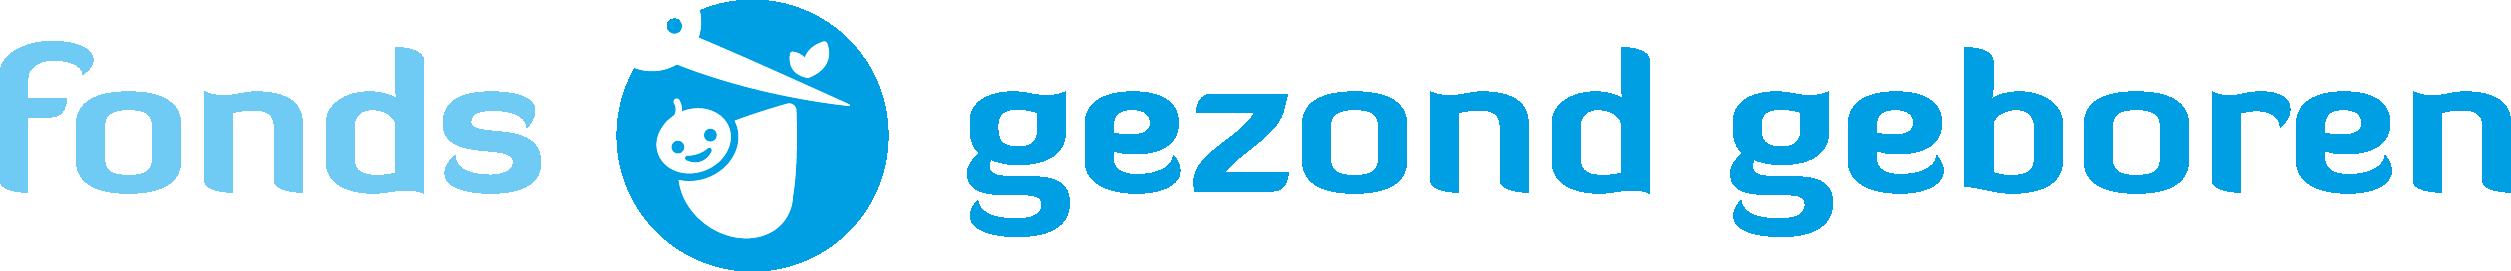 logo fonds gg liggend